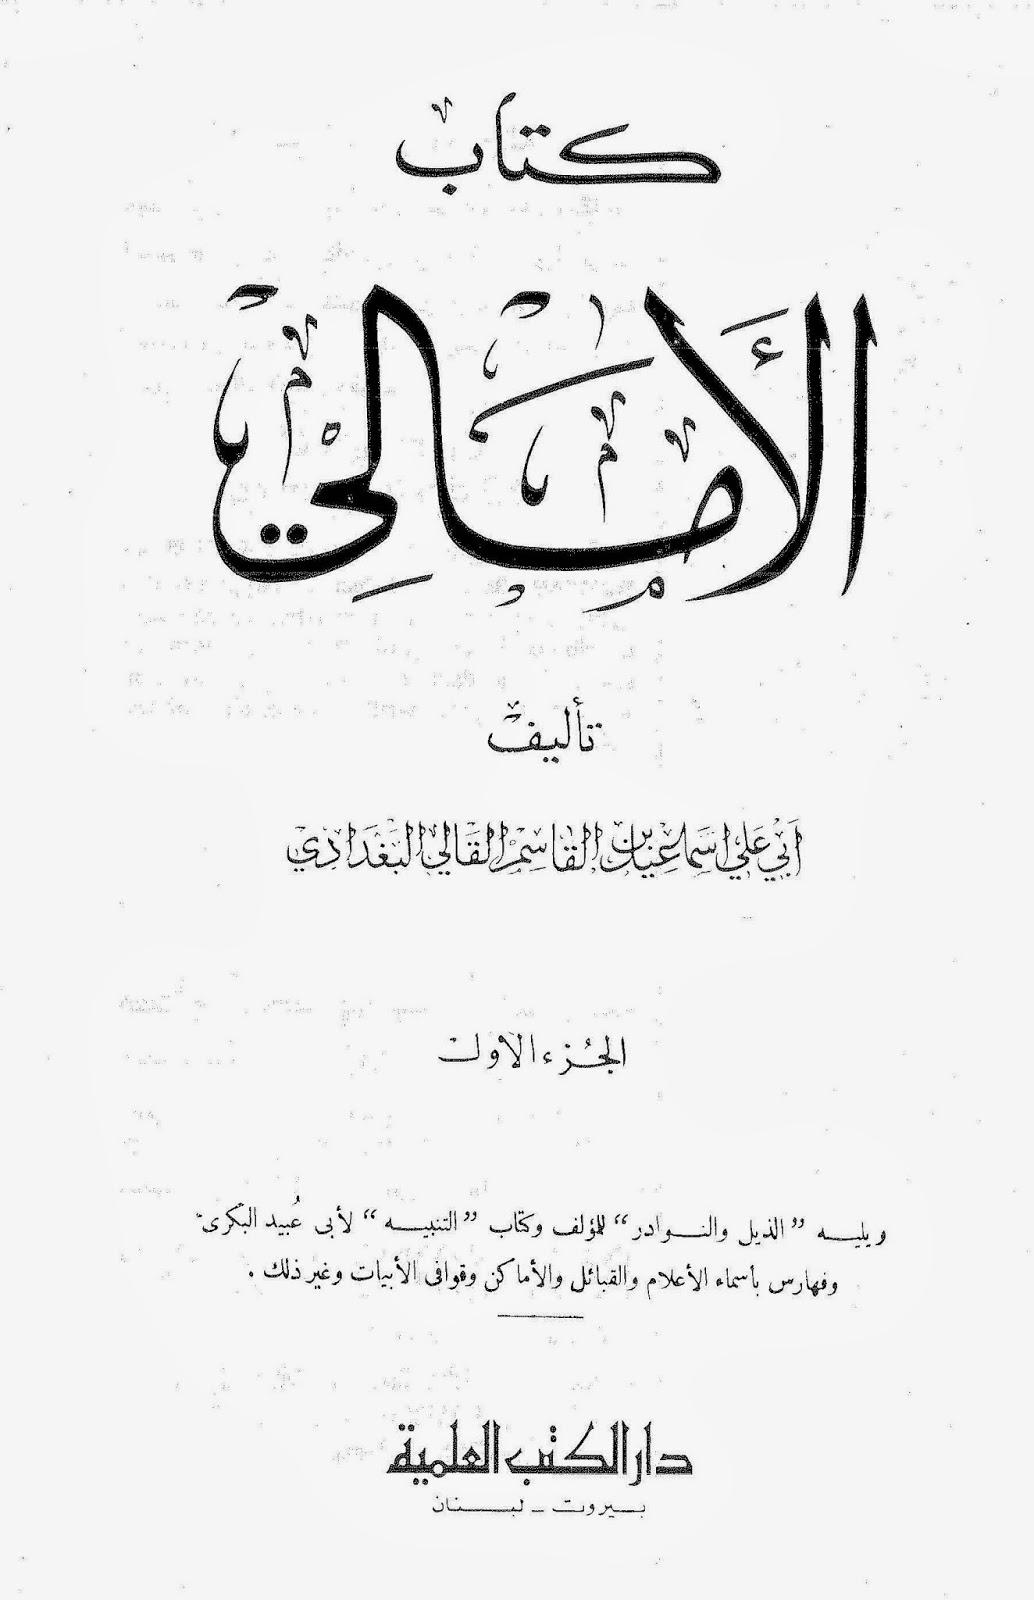 الأمالي للقاسم القالي البغدادي ويليه الذيل والنوادر وكتاب التنبيه لأبي عبيد البكري